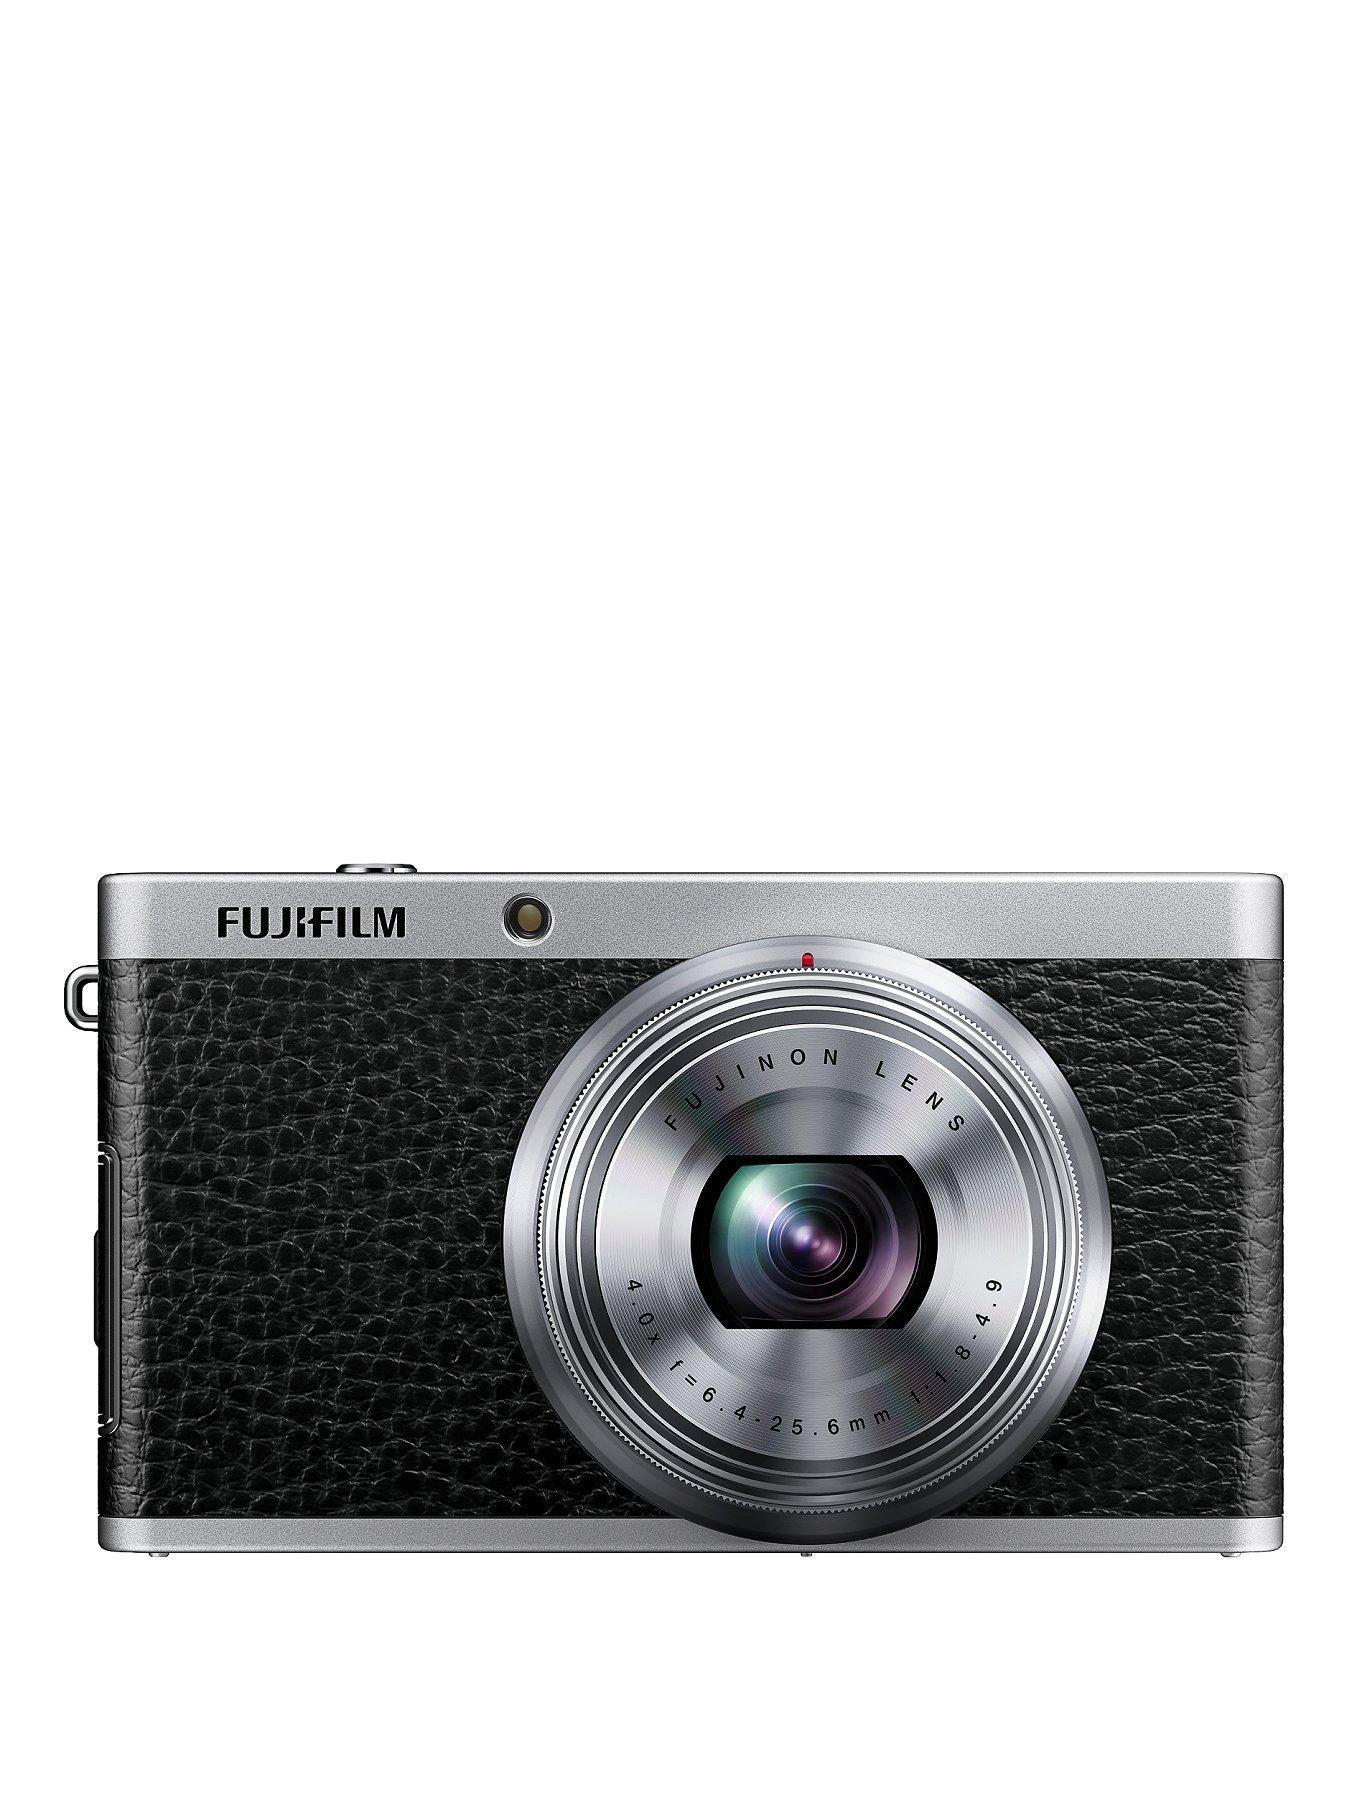 Fuji XF1 12 Megapixel Compact System Camera - Black